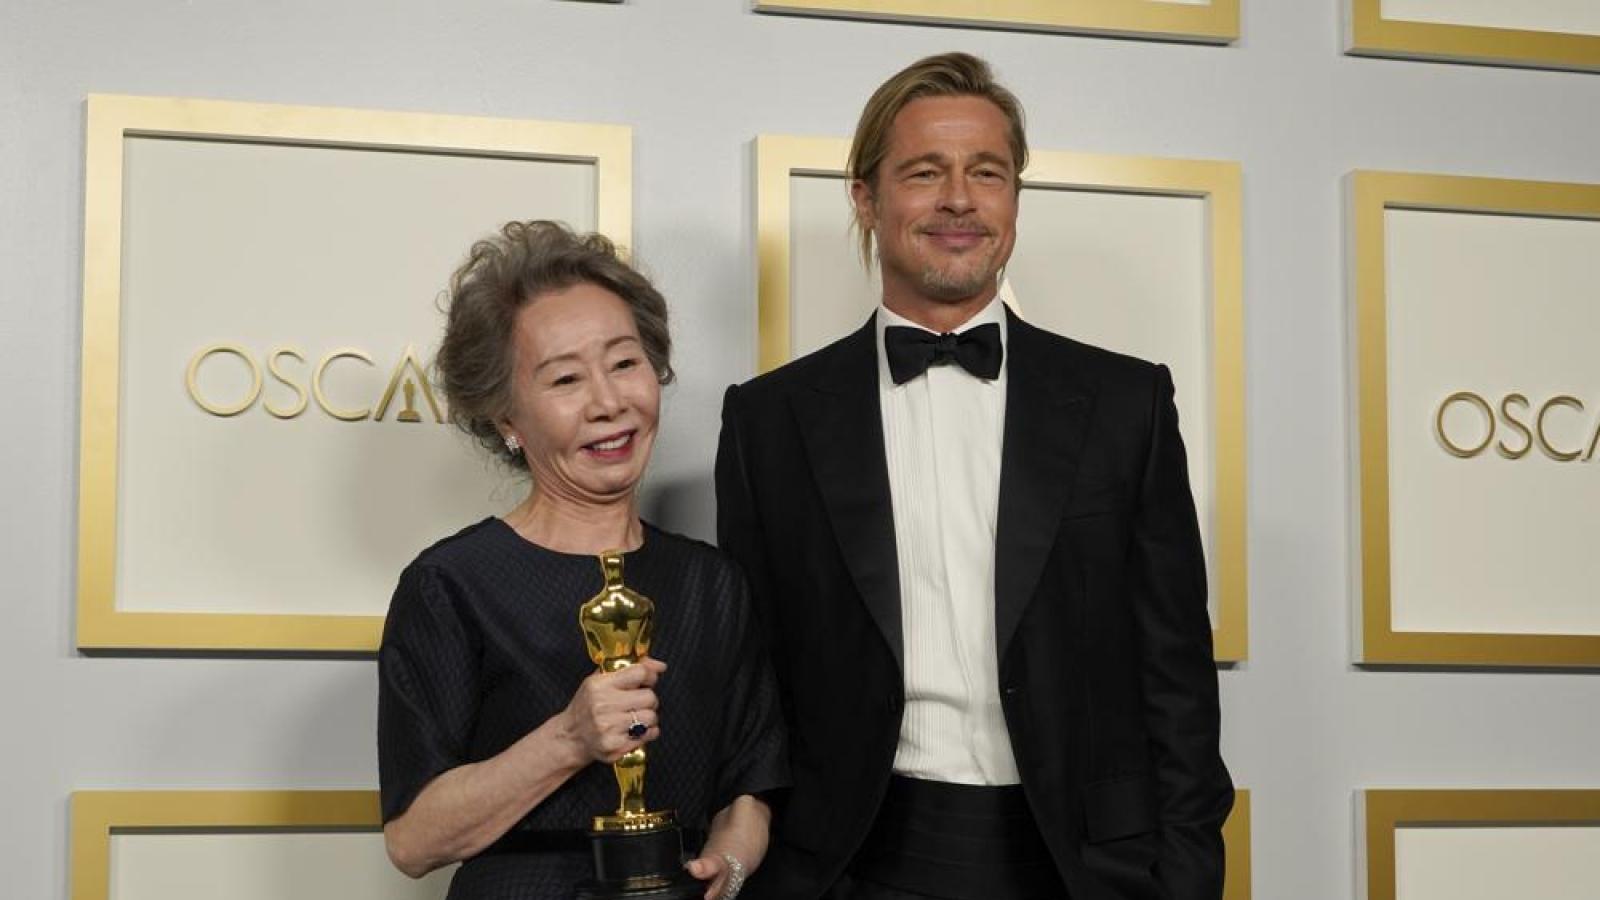 """Sao phim """"Minari"""" góp mặt trong top 100 nhân vật ảnh hưởng lớn nhất năm 2021"""